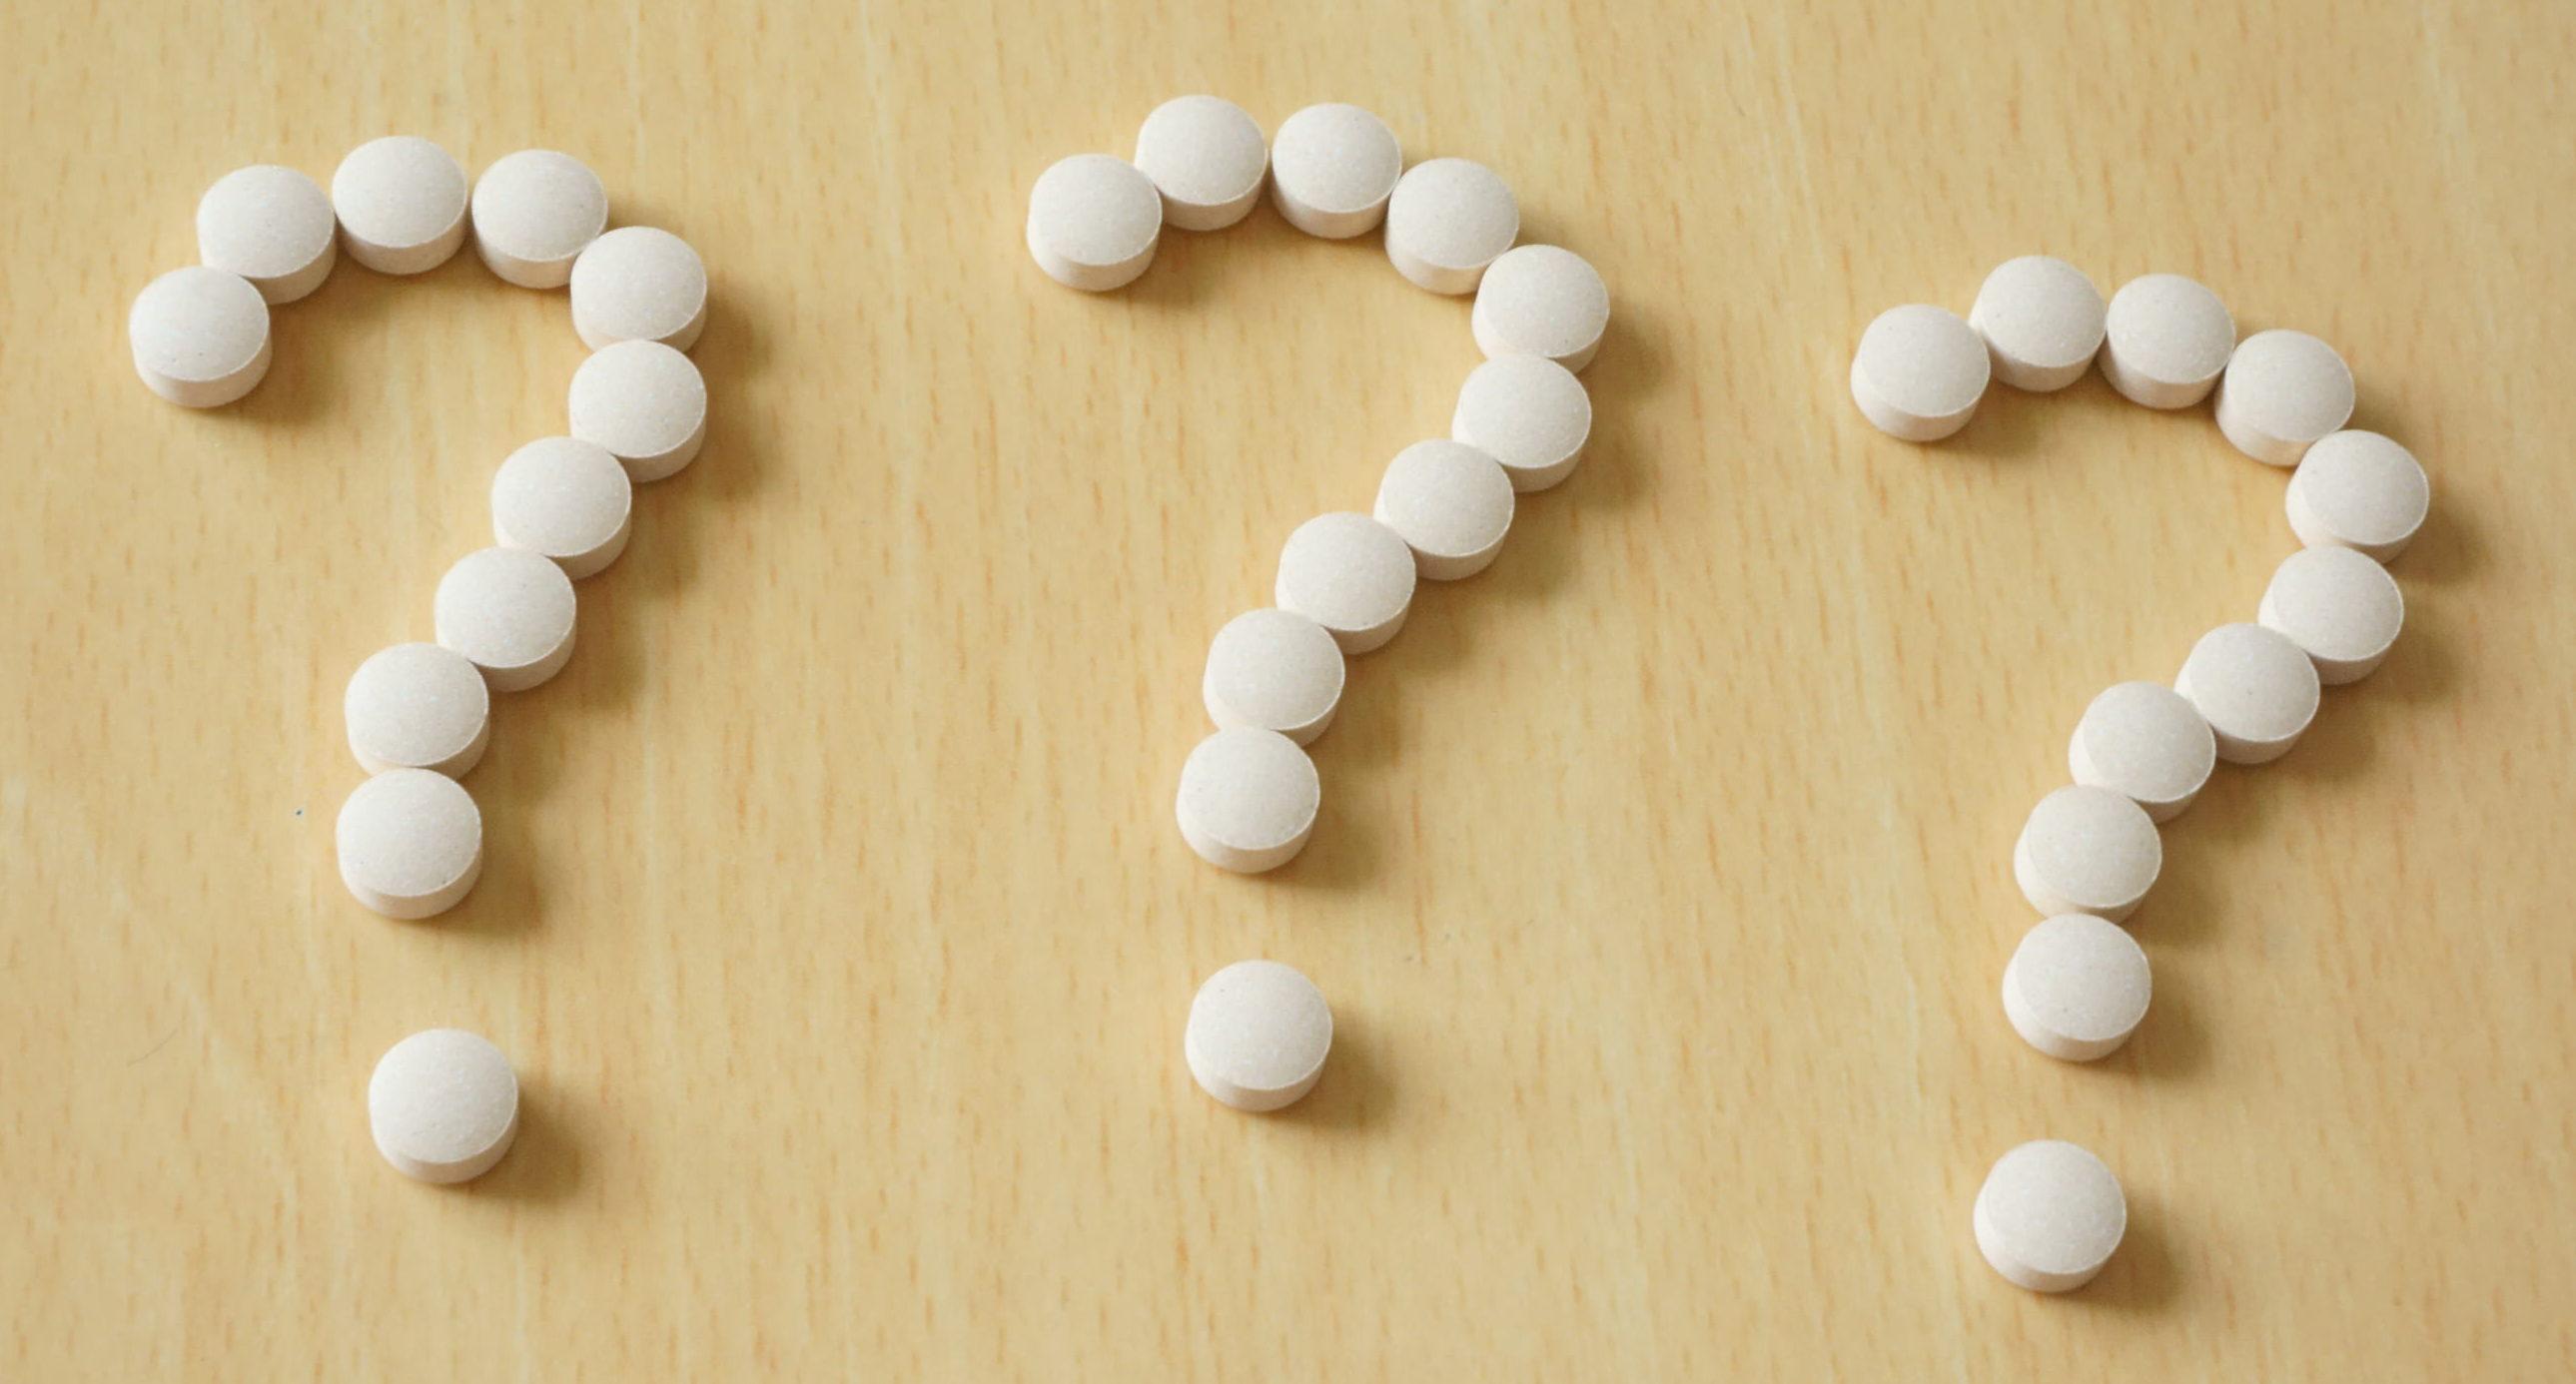 肌荒れ対策のサプリメントに関する質問